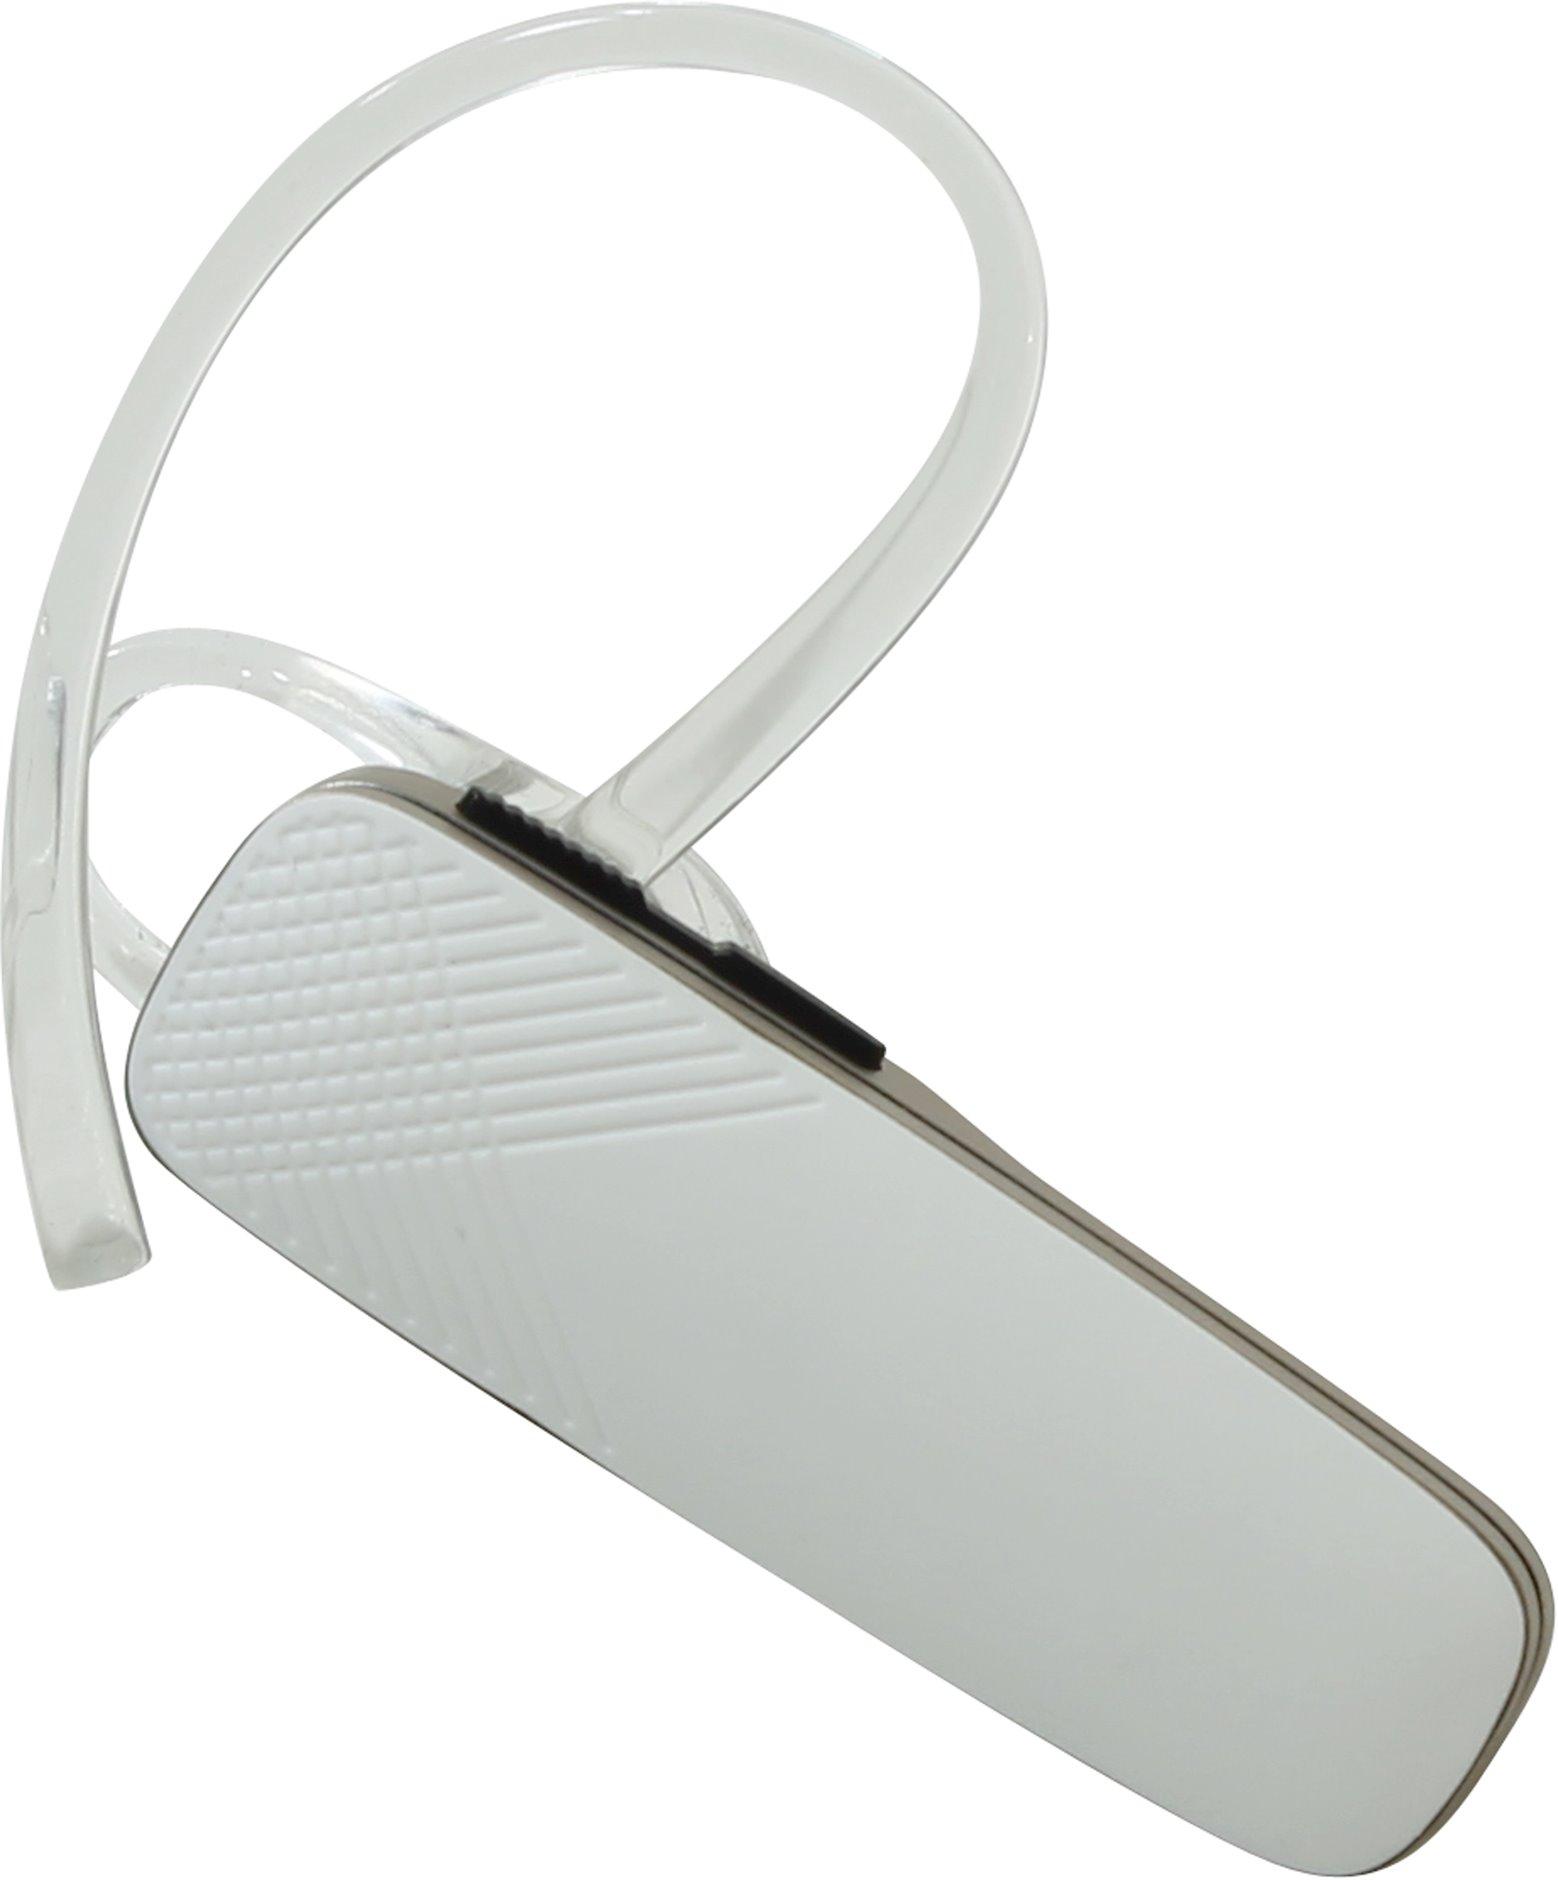 EXPLORER 500R HEADSET WHITE EAST